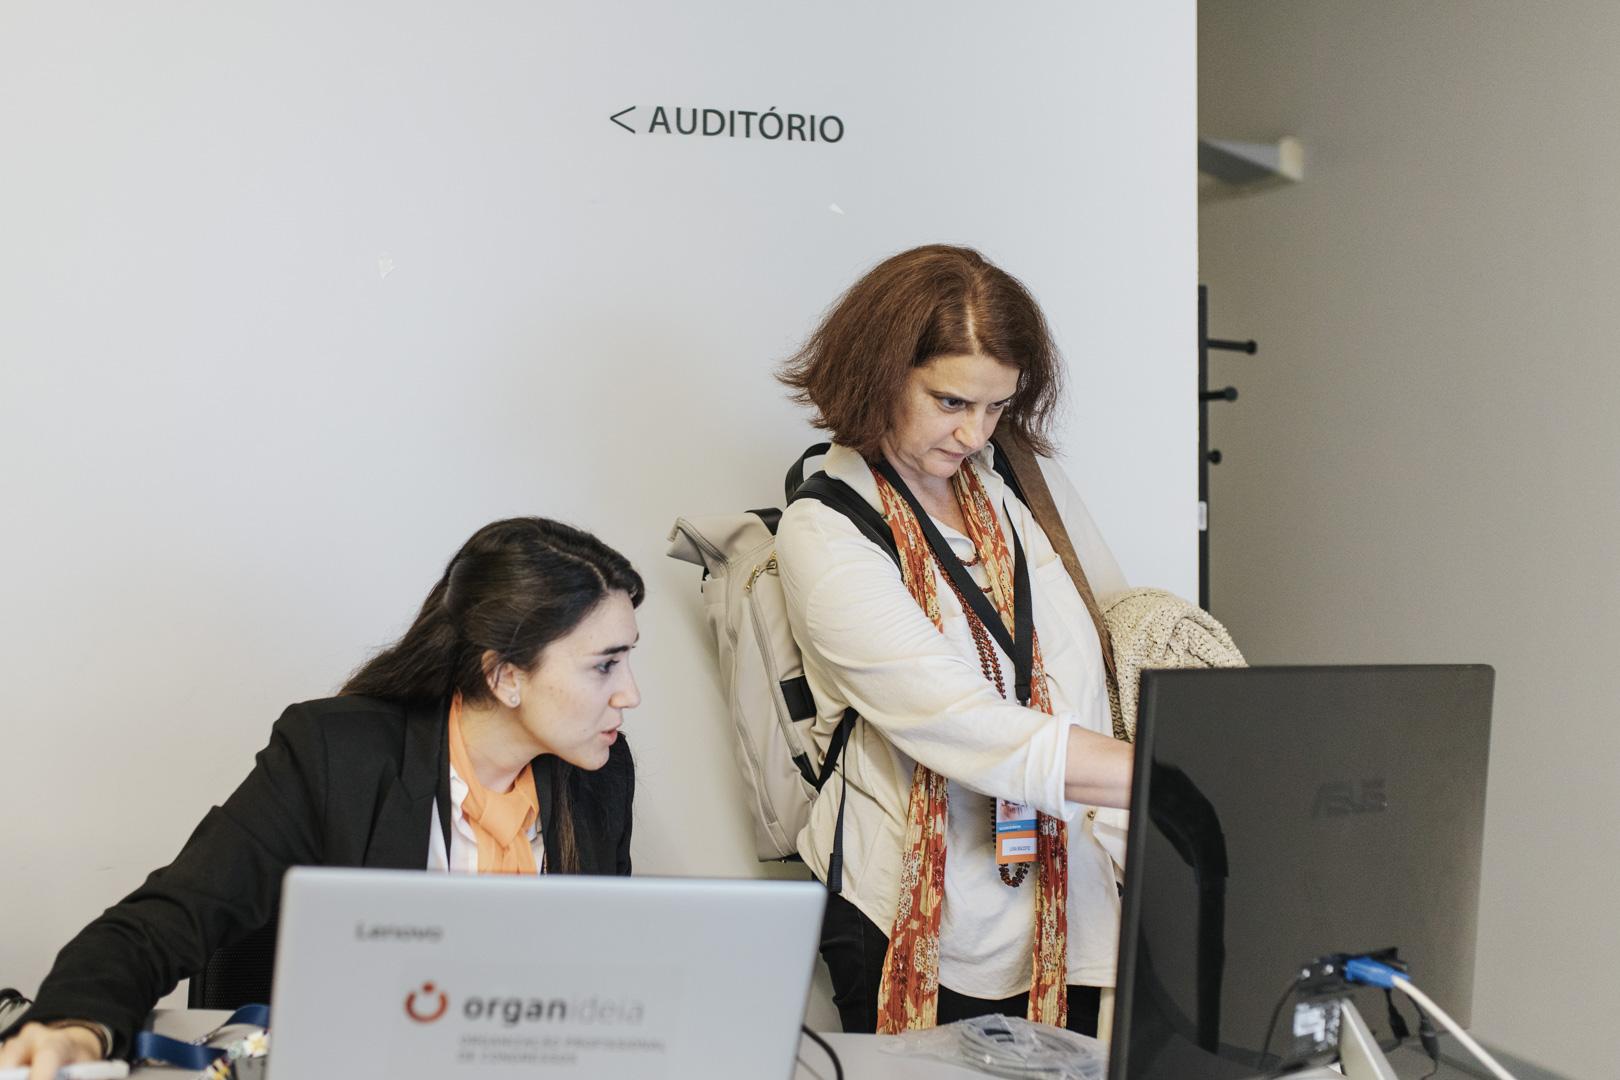 XV Congresso da SPNR - o nosso Slide Desk facilita a apresentação de trabalhos